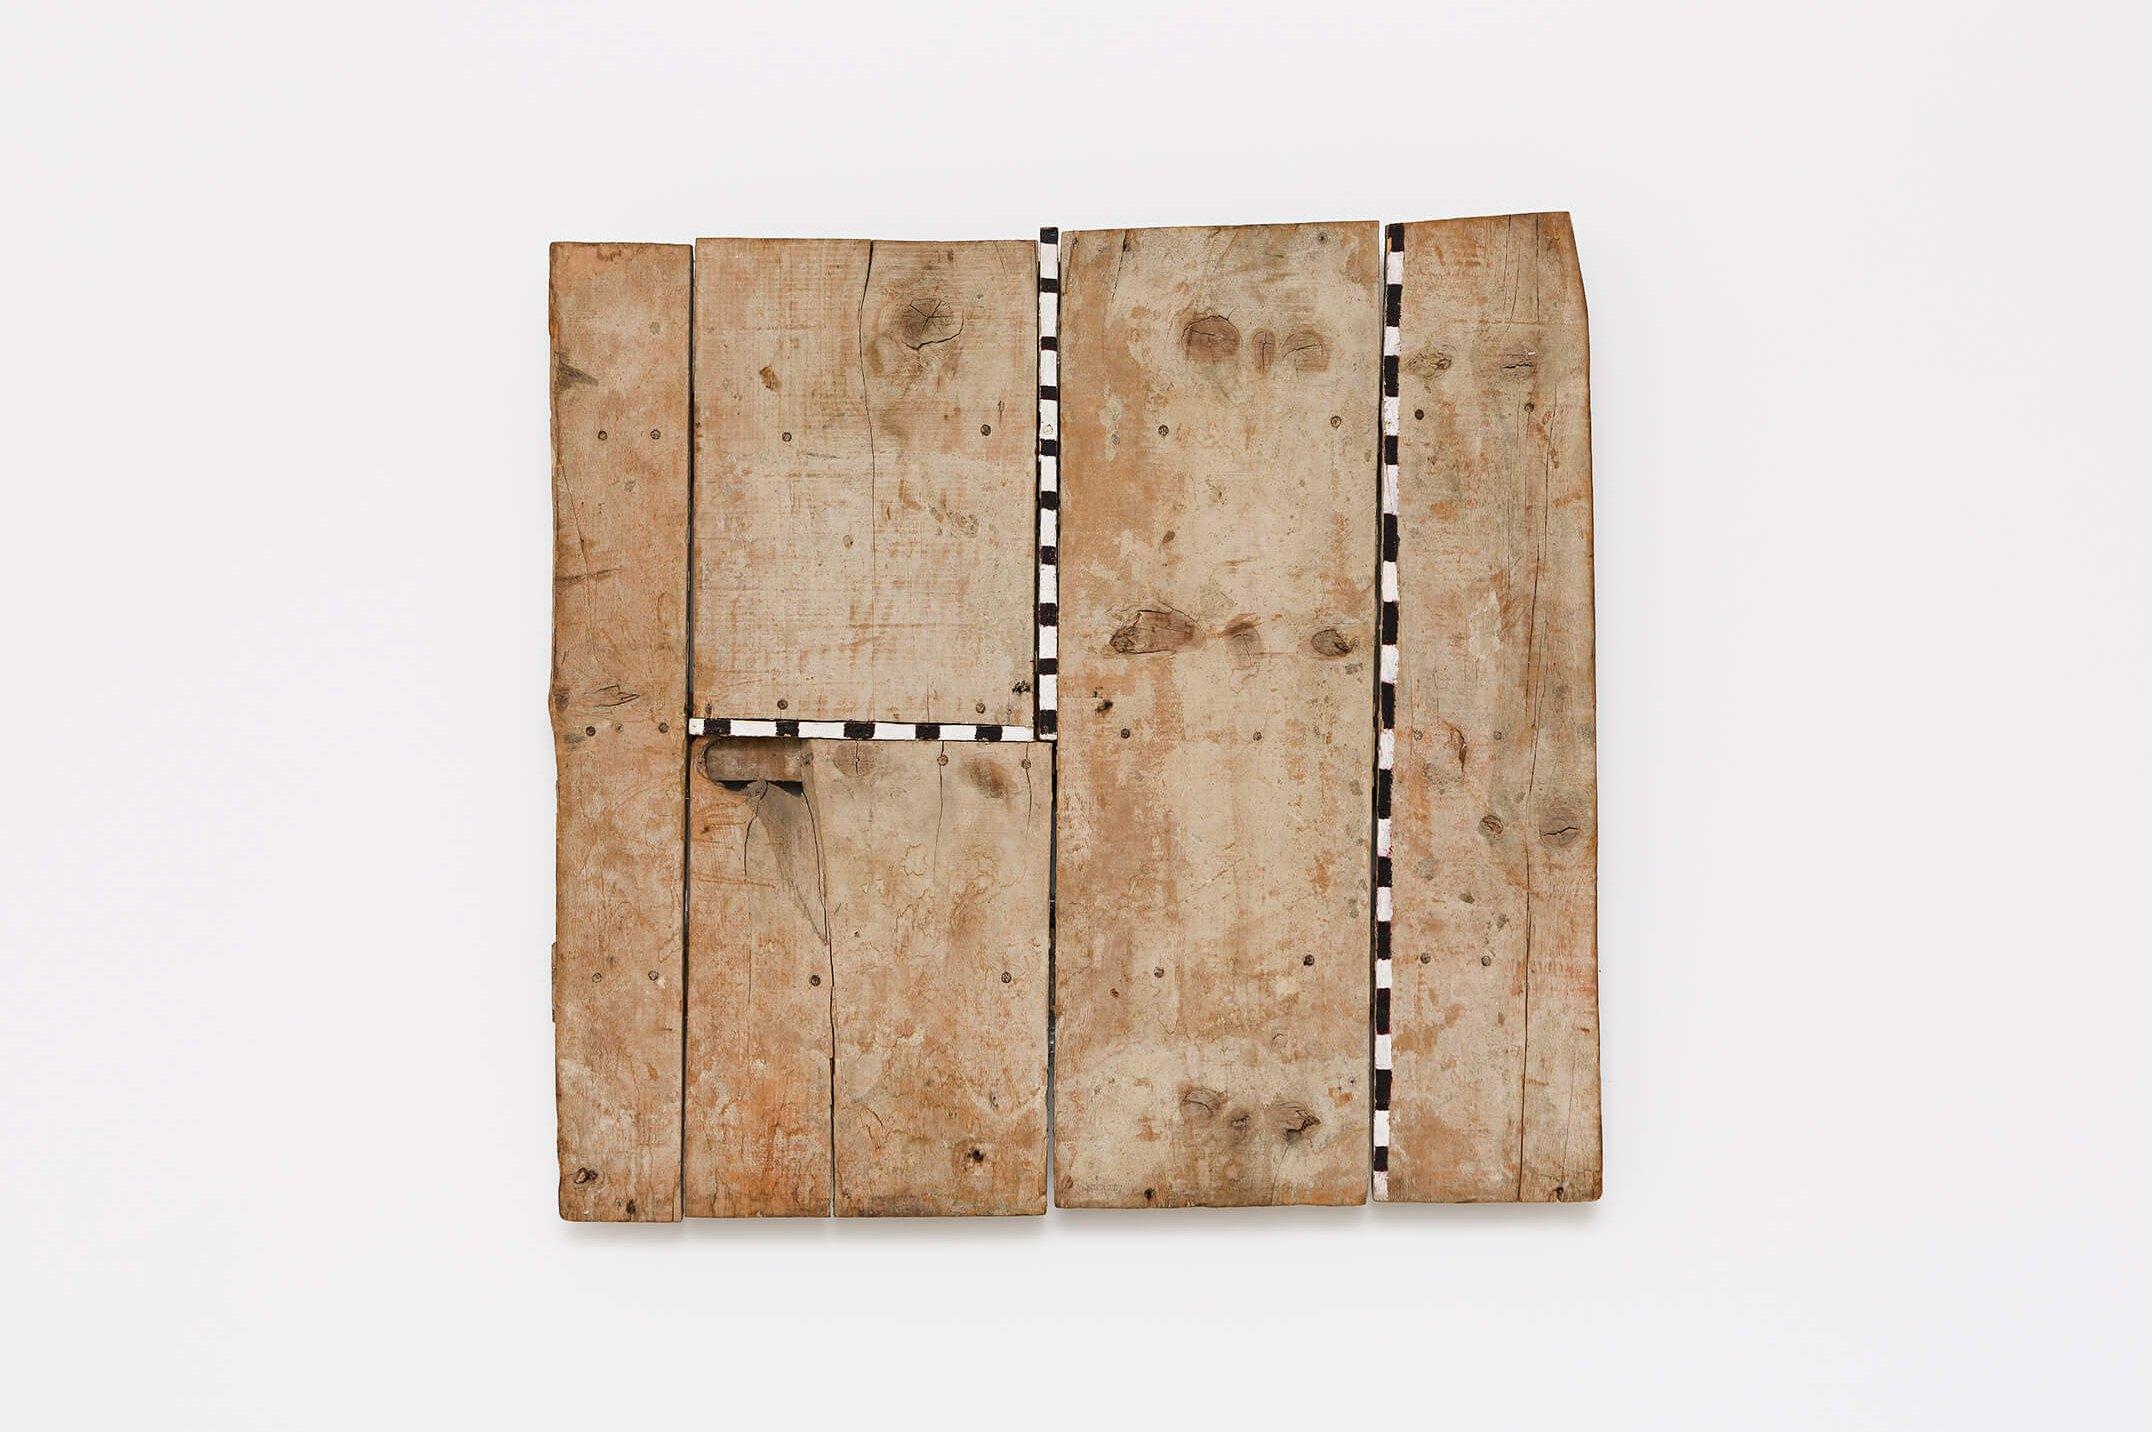 Celso Renato, <em>untitled</em>,1985, acrylic on wood, 79 × 85 cm - Mendes Wood DM